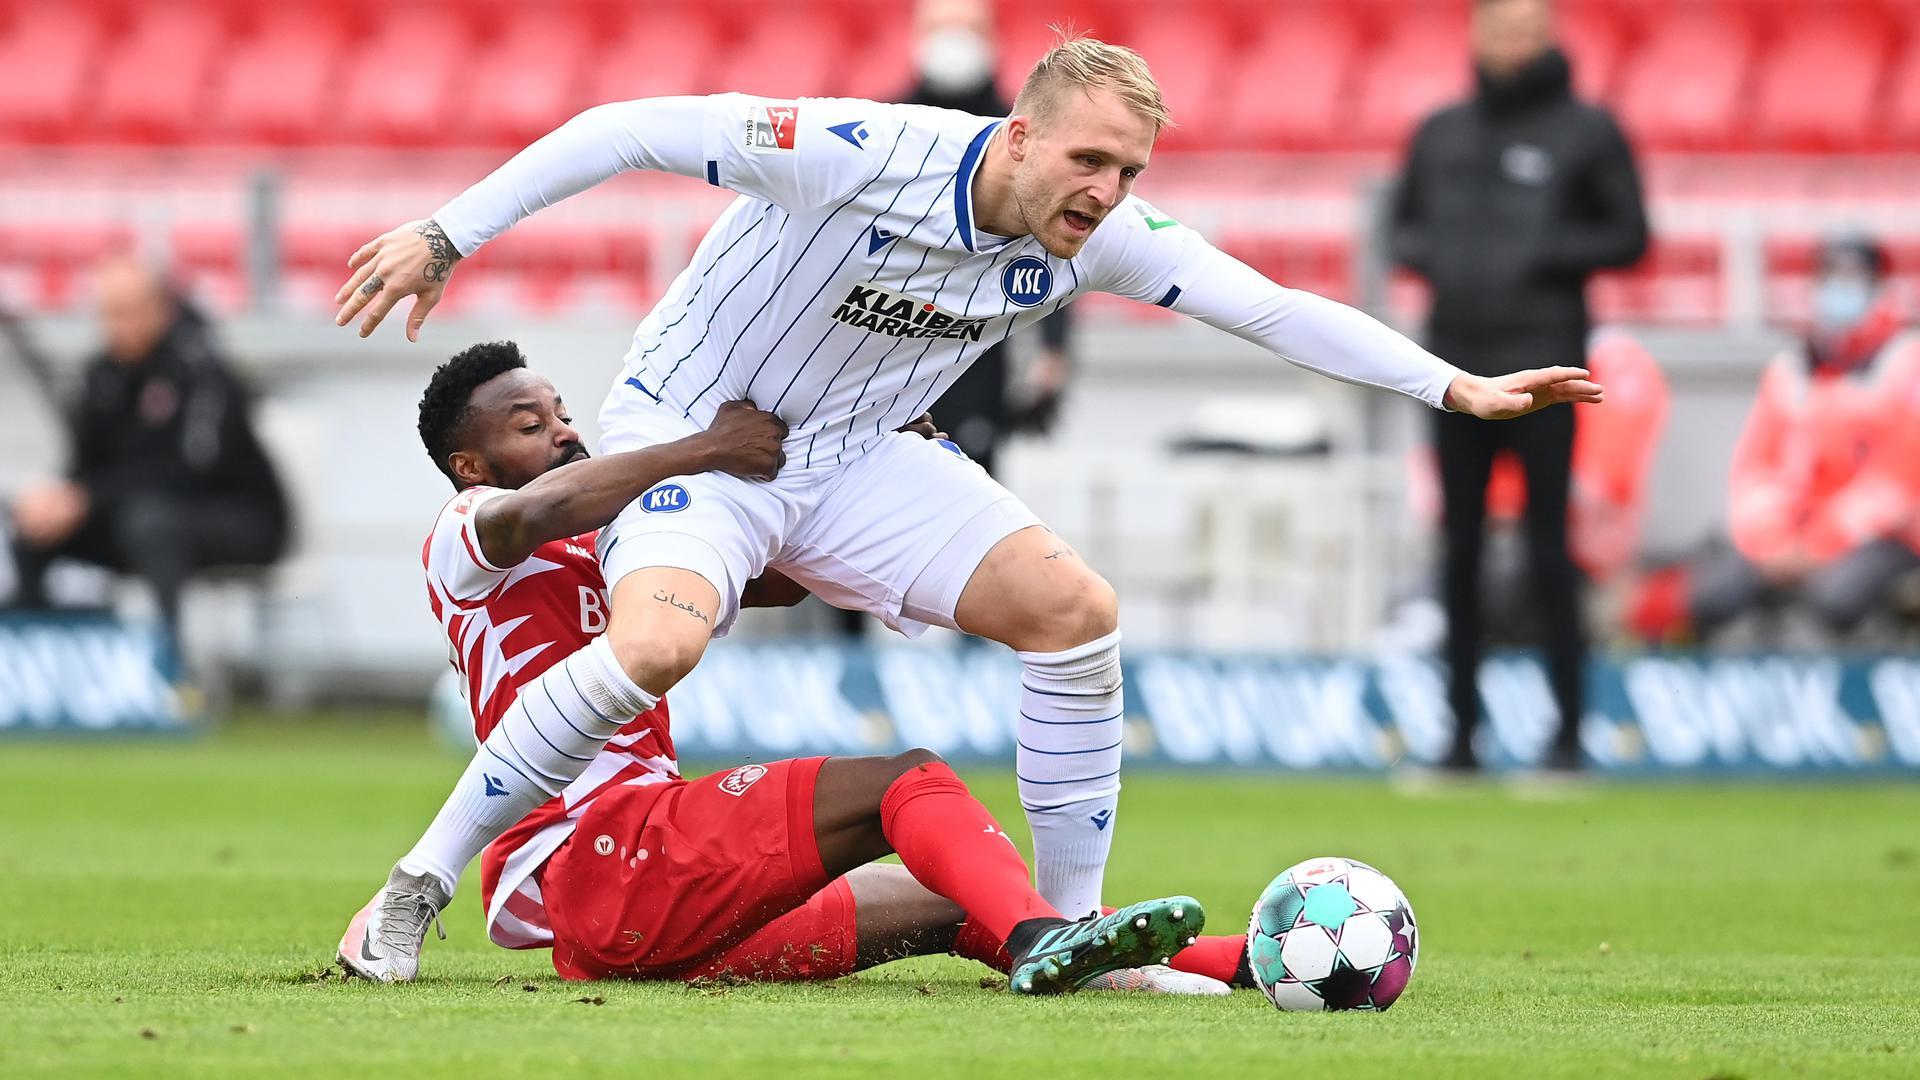 Der KSC kann im Auswärtsspiel bei Fortuna Düsseldorf wieder auf Torjäger Philipp Hofmann setzen.